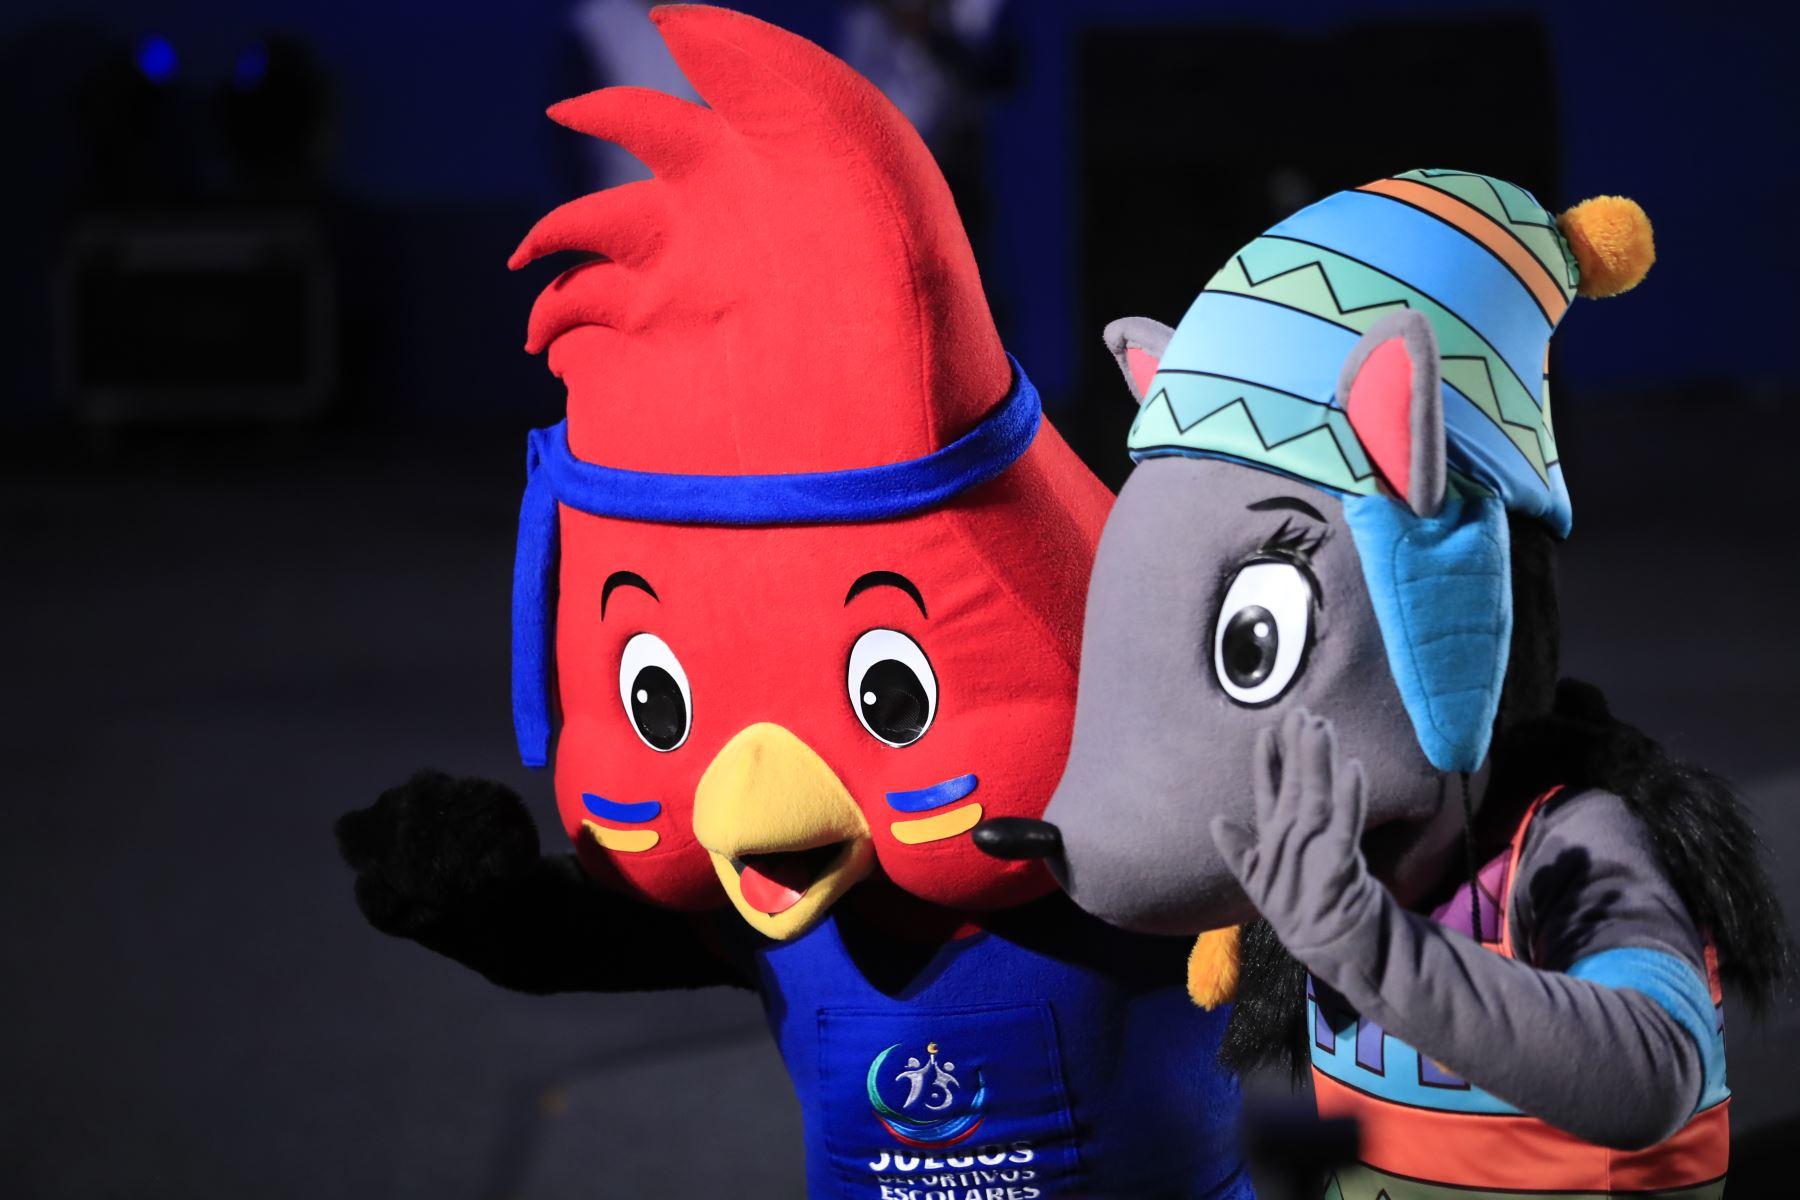 Ceremonia de inauguración de los XXVII Juegos Deportivos Escolares Nacionales 2019, en el Coliseo Bonilla de Miraflores.  Foto: ANDINA/Juan Carlos Guzmán Negrini.